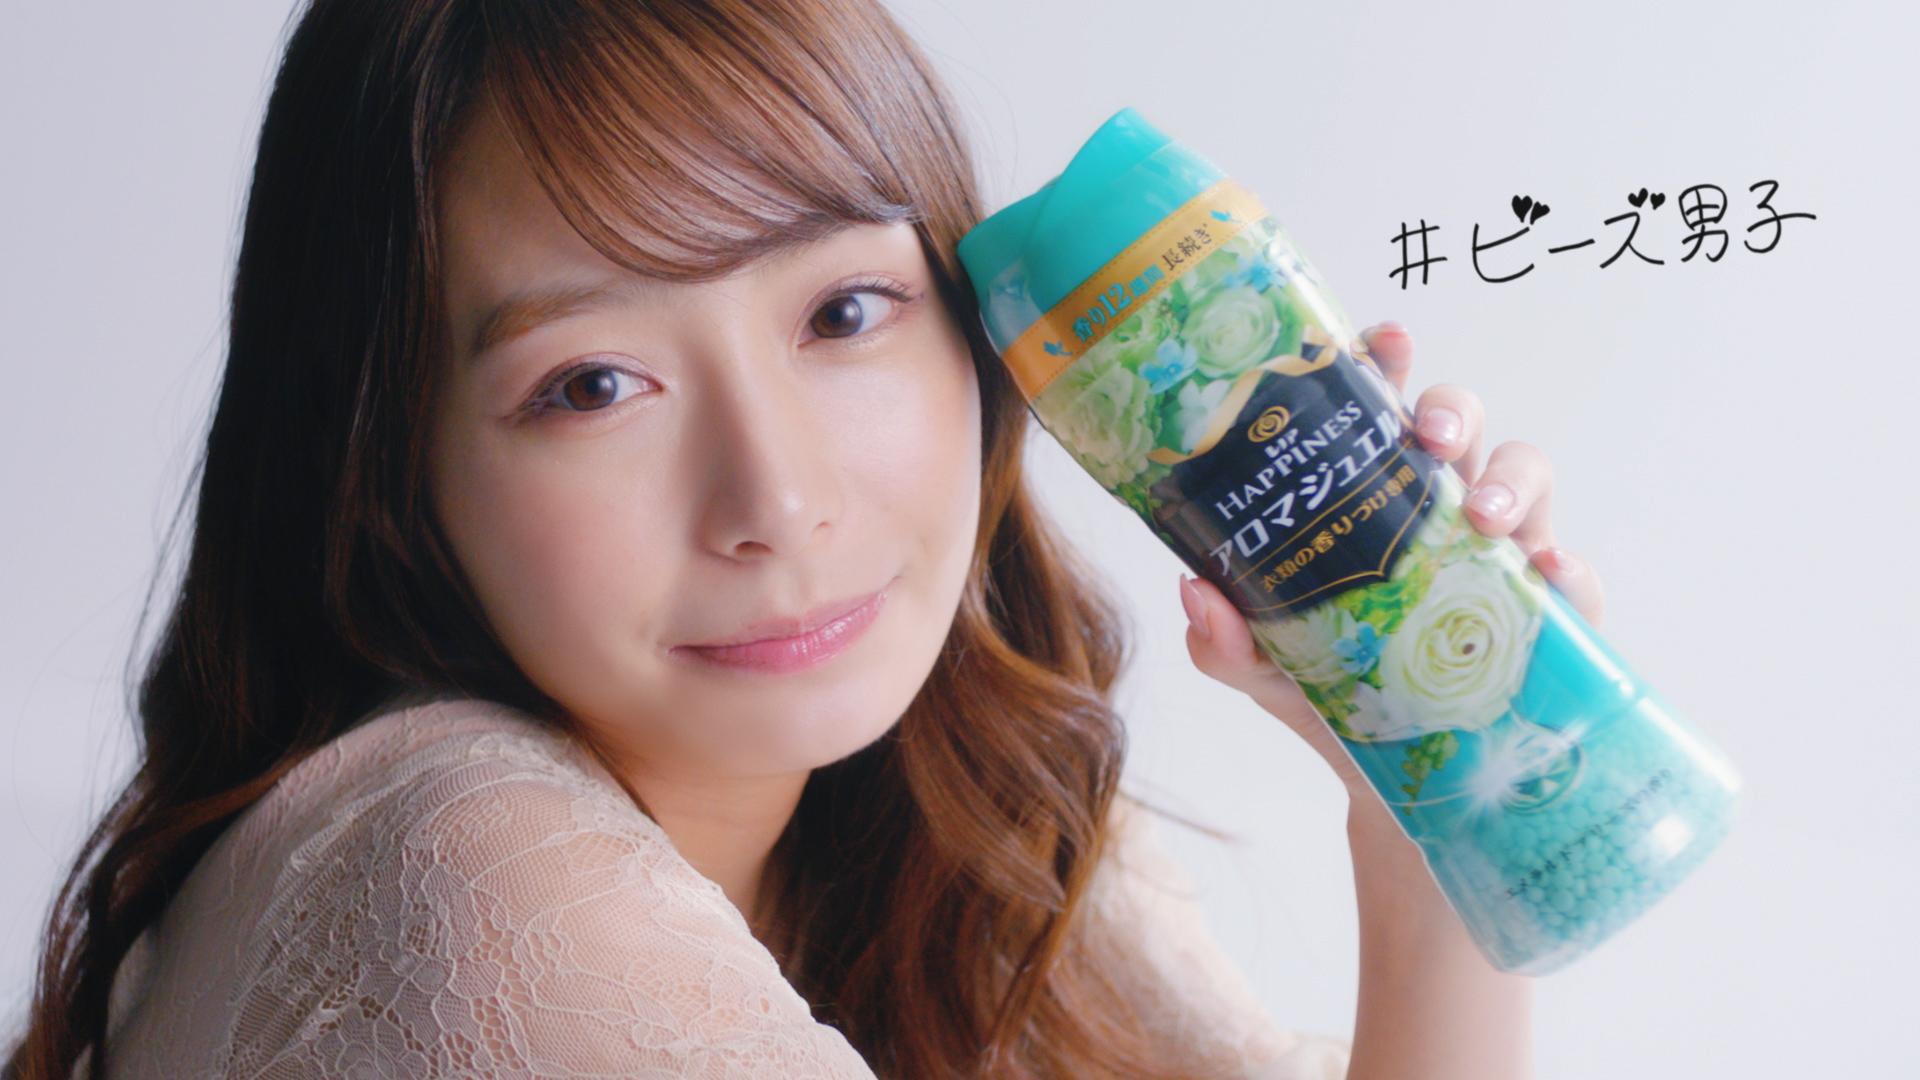 宇垣美里/『レノアメンズセレクション』の新CM「ビーズでモテキ」